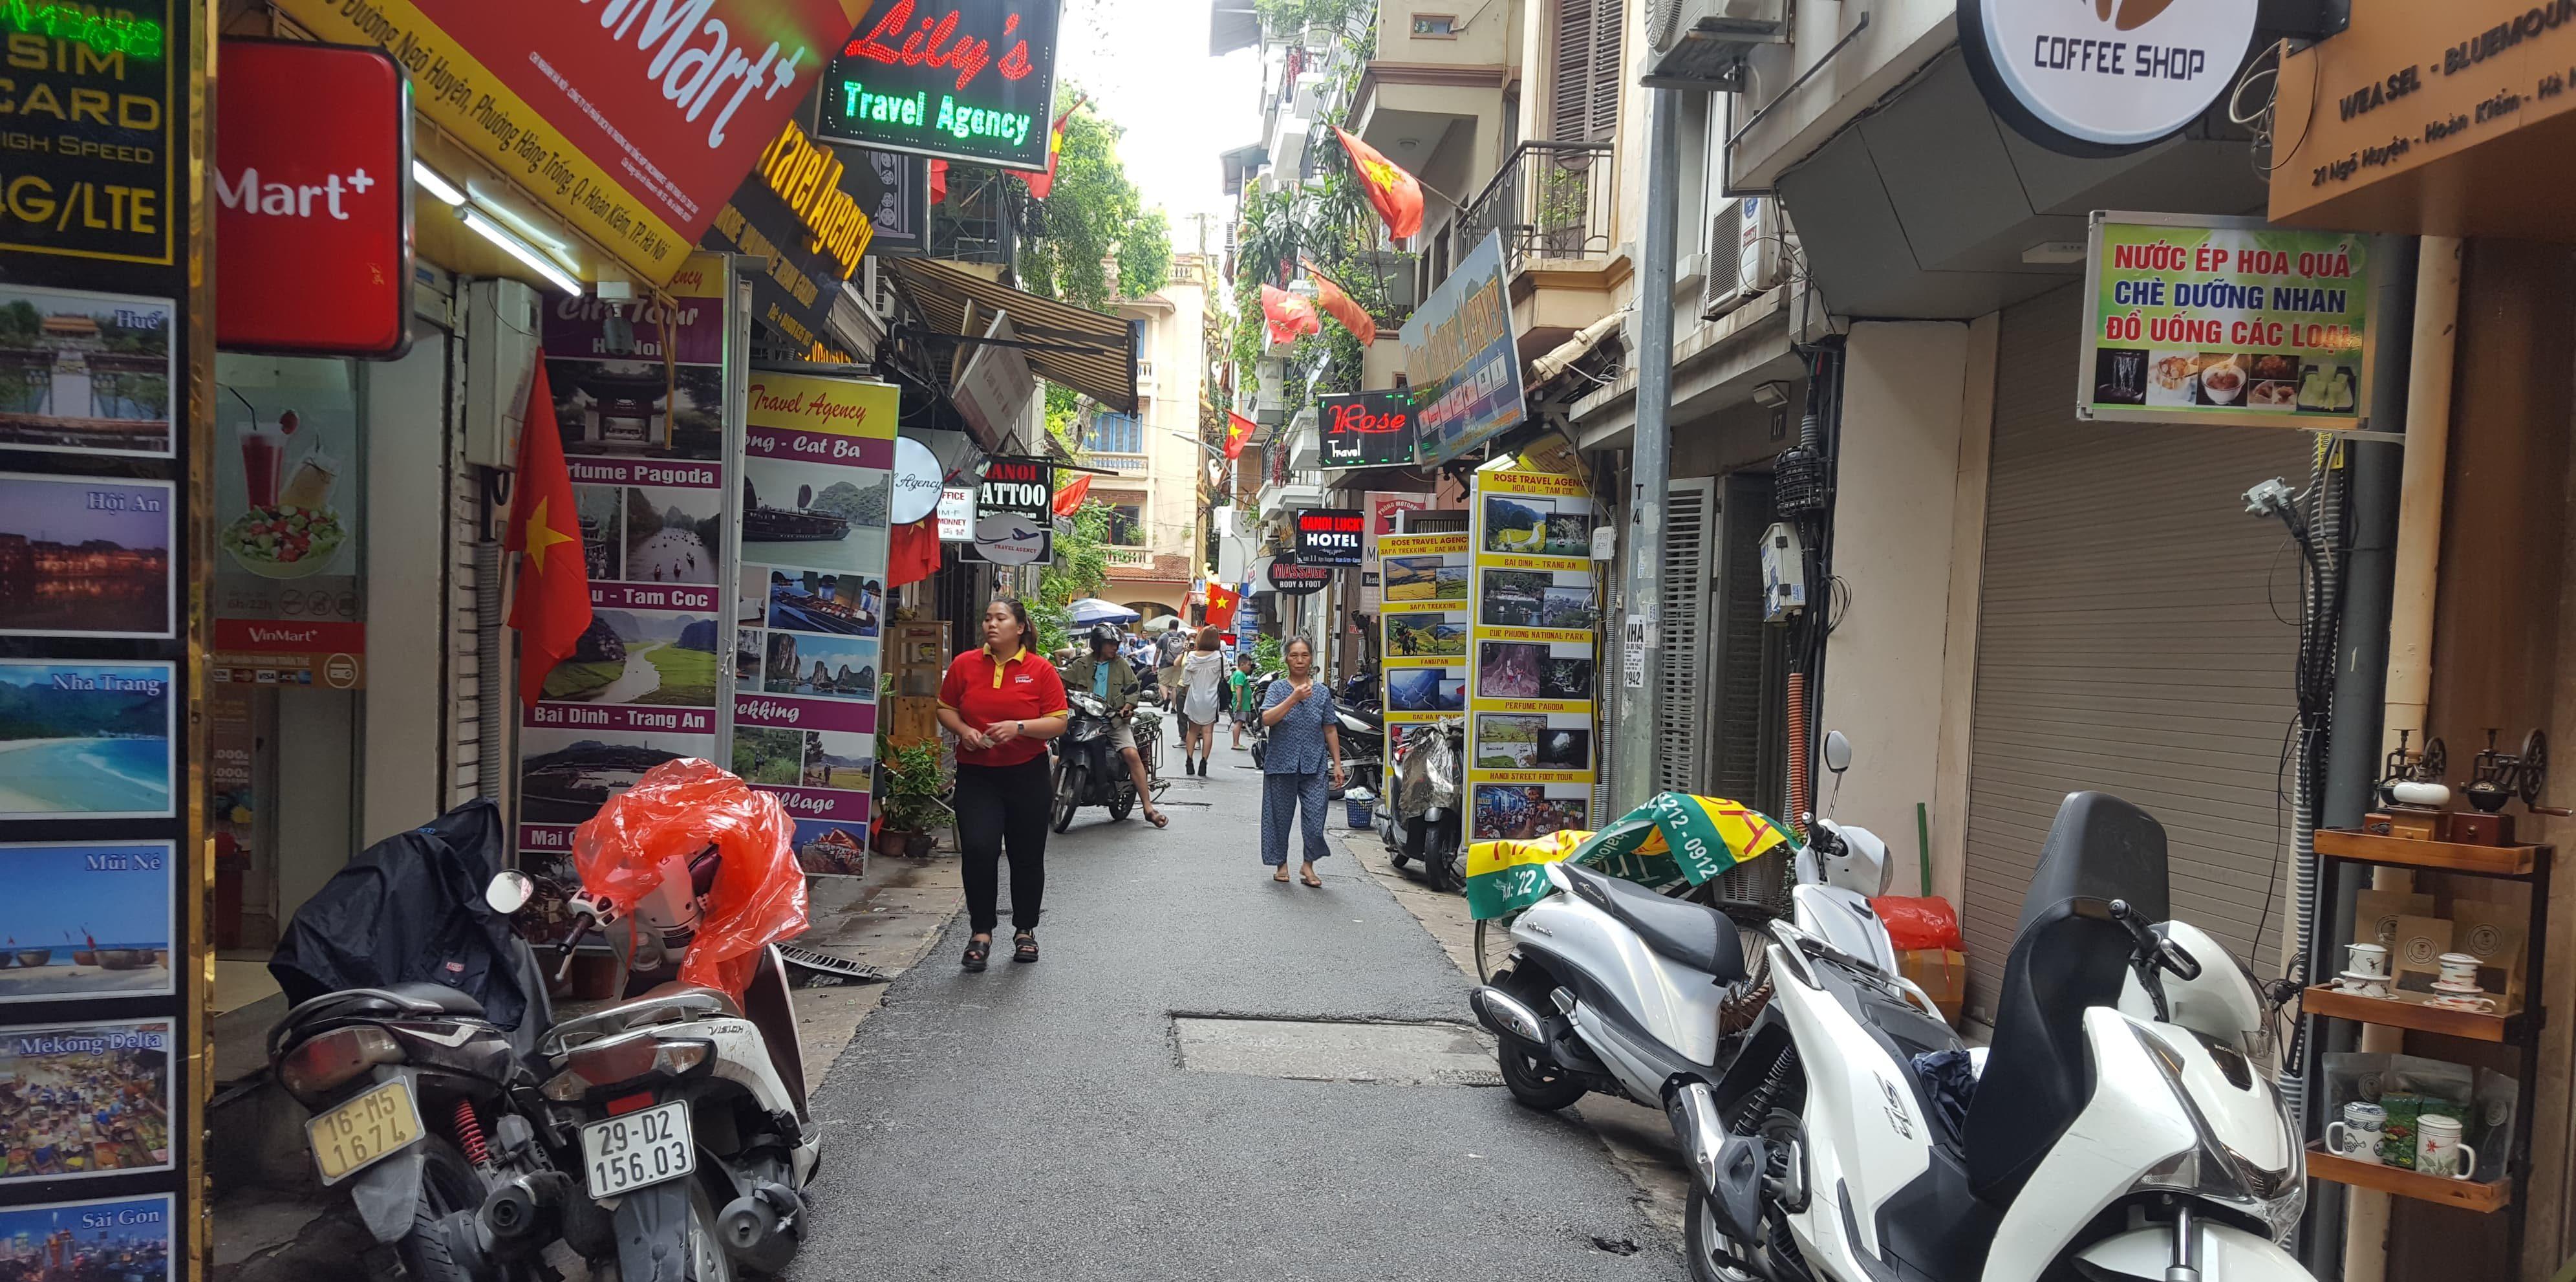 ベトナムのハノイに移住はコスパが最高?毎月の生活費を計算してみた